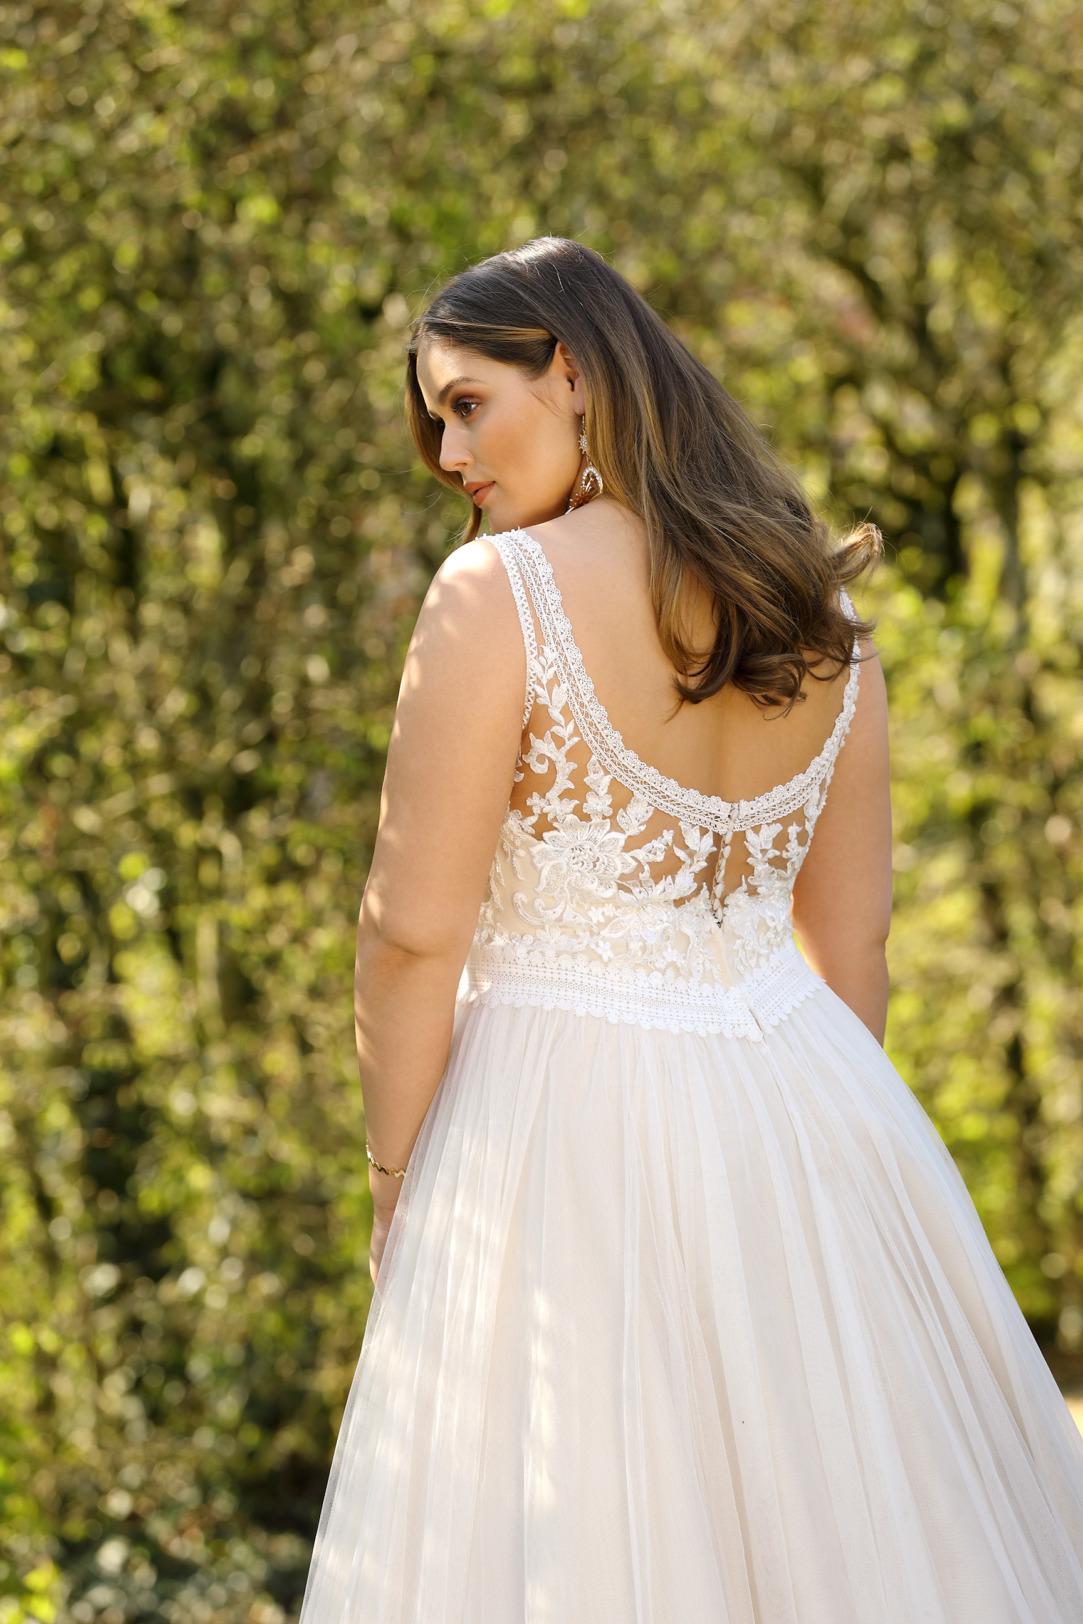 Brautkleider Hochzeitskleider Mode A Linie Ladybird mit V-Ausschnitt Spitze ohne Ärmel grosse Grösse plus size Tüllrock Vintage Look Rücken Ansicht